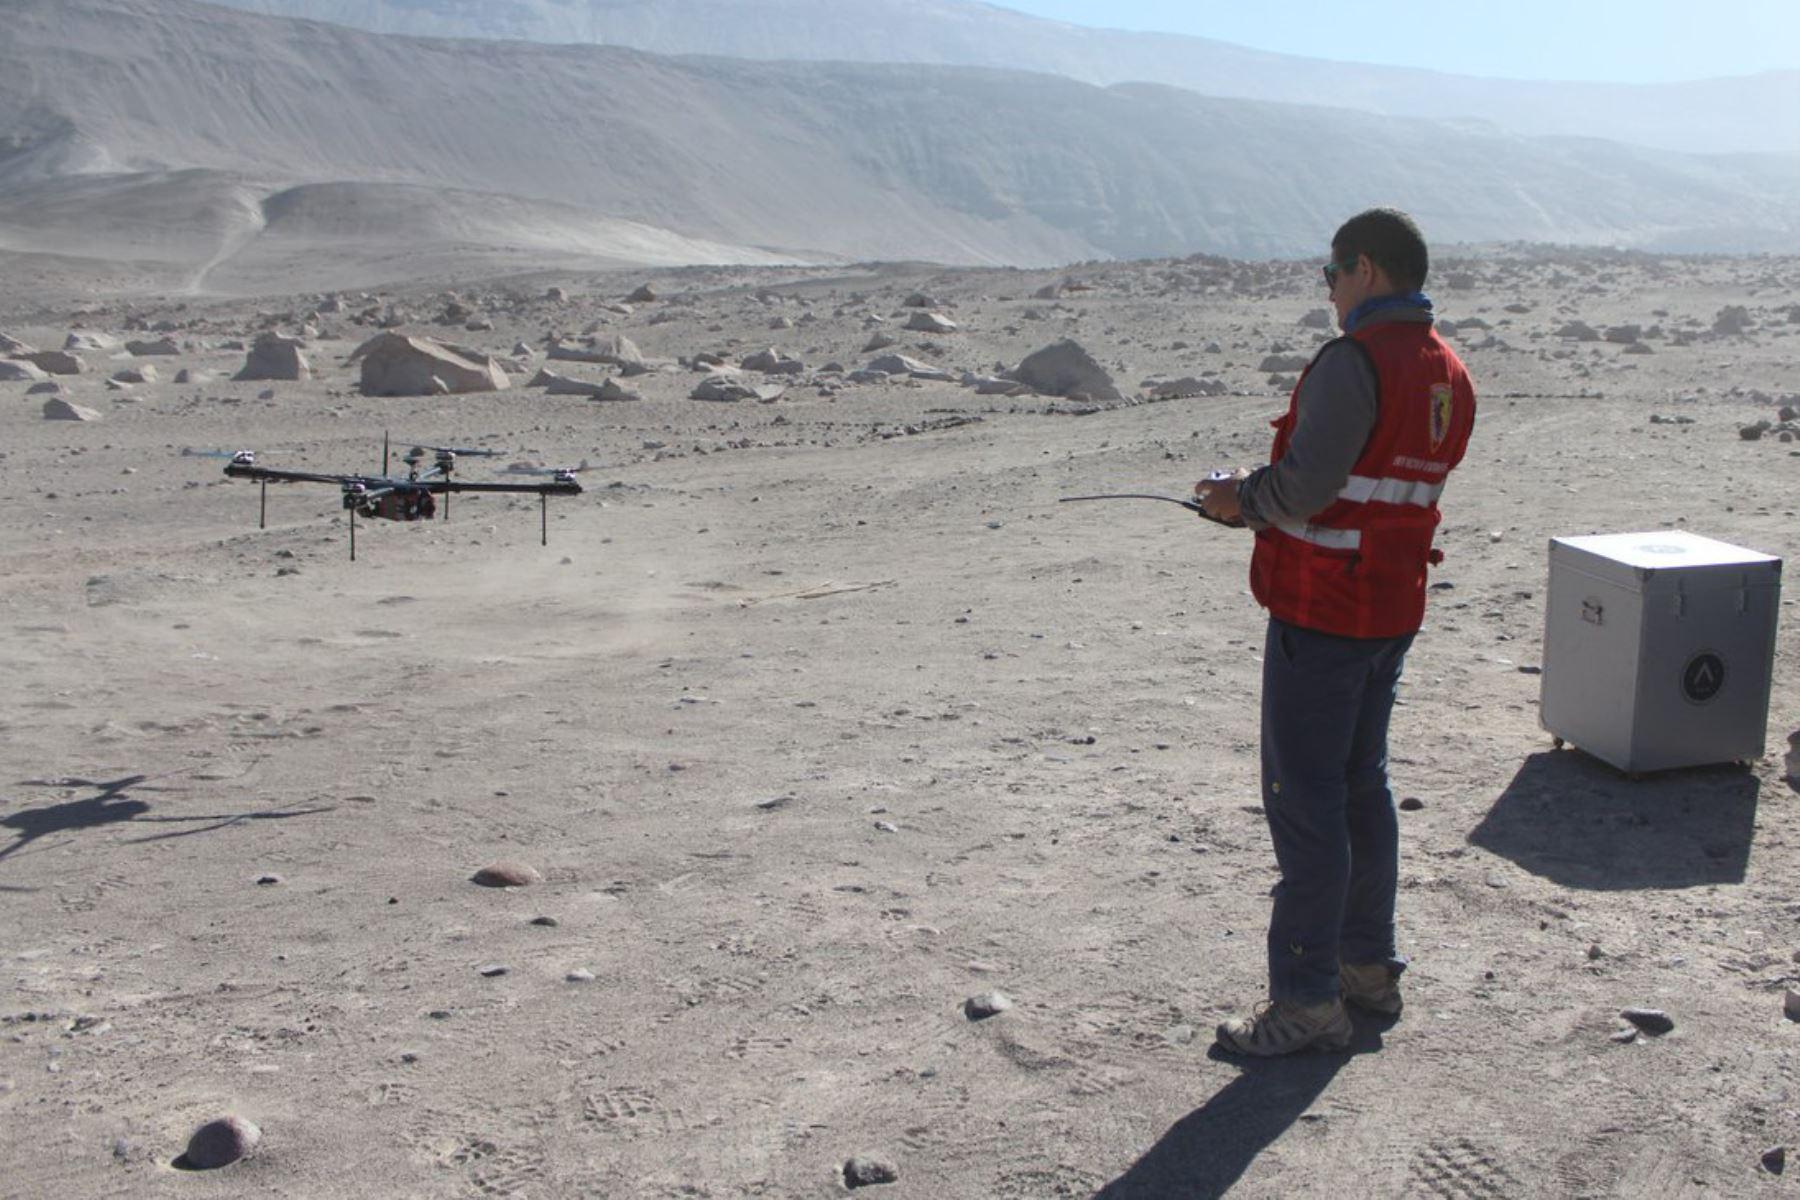 Con el uso de drones, el equipo de cartografía especial del Instituto Geográfico Nacional (IGN) realizó el levantamiento fotográfico en 10 kilómetros cuadrados de la zona arqueológica Toro Muerto, considerado el más grande yacimiento de arte rupestre del Perú y el mundo, con el objetivo de elaborar modelos en 3D del terreno y una ortofoto de la zona.